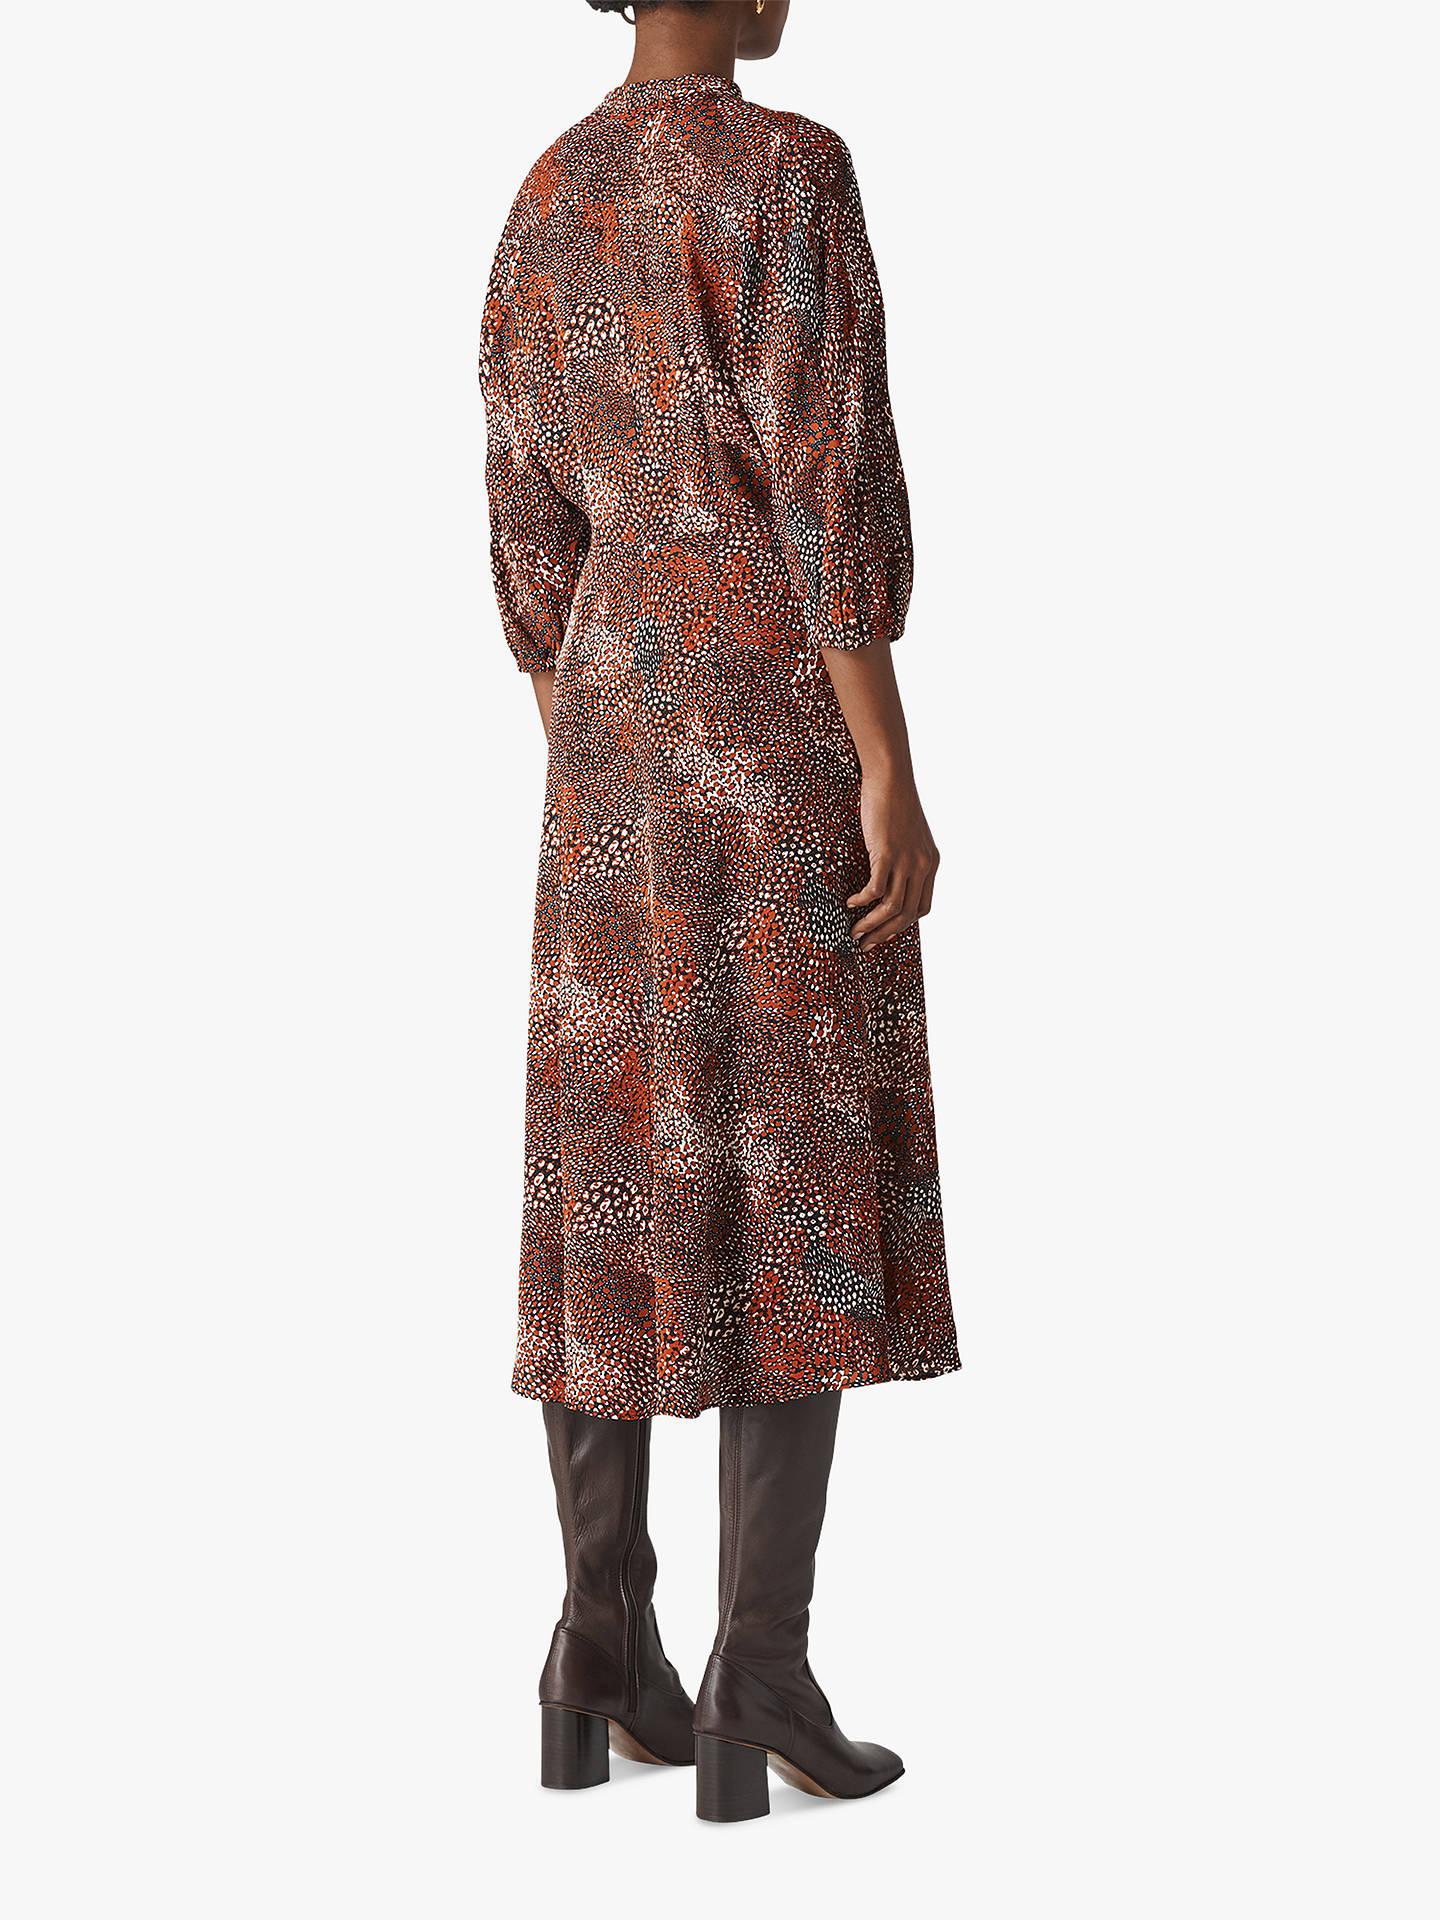 2f458c40bda2 ... Buy Whistles Abstract Animal Print Midi Dress